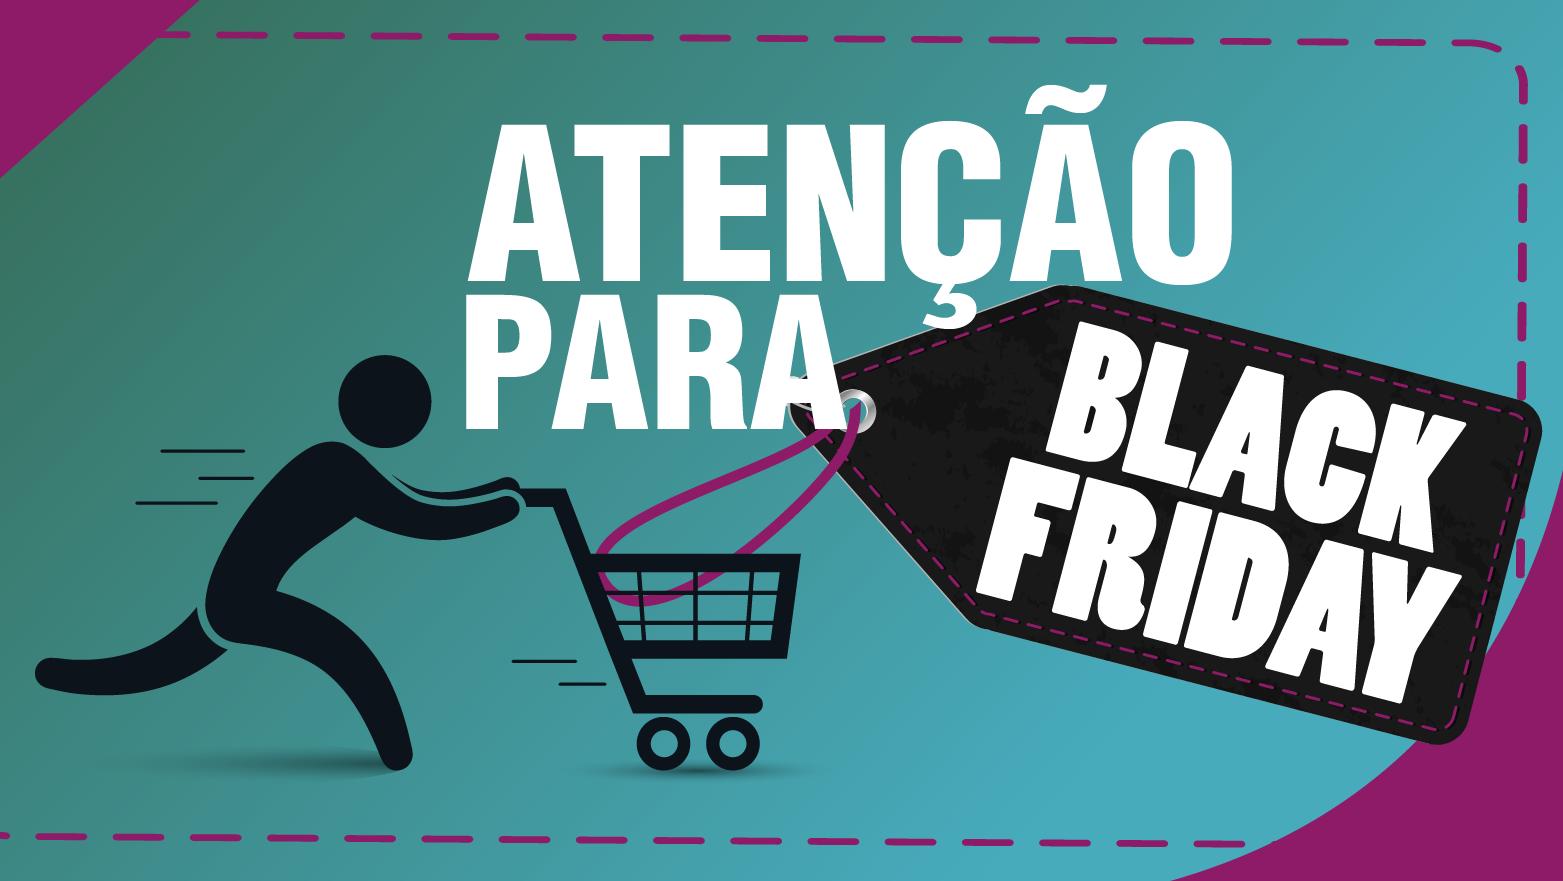 2548592b9c ... ficar movimentados nesta sexta-feira (24) devido às ofertas anunciadas  para a Black Friday. Nesta data